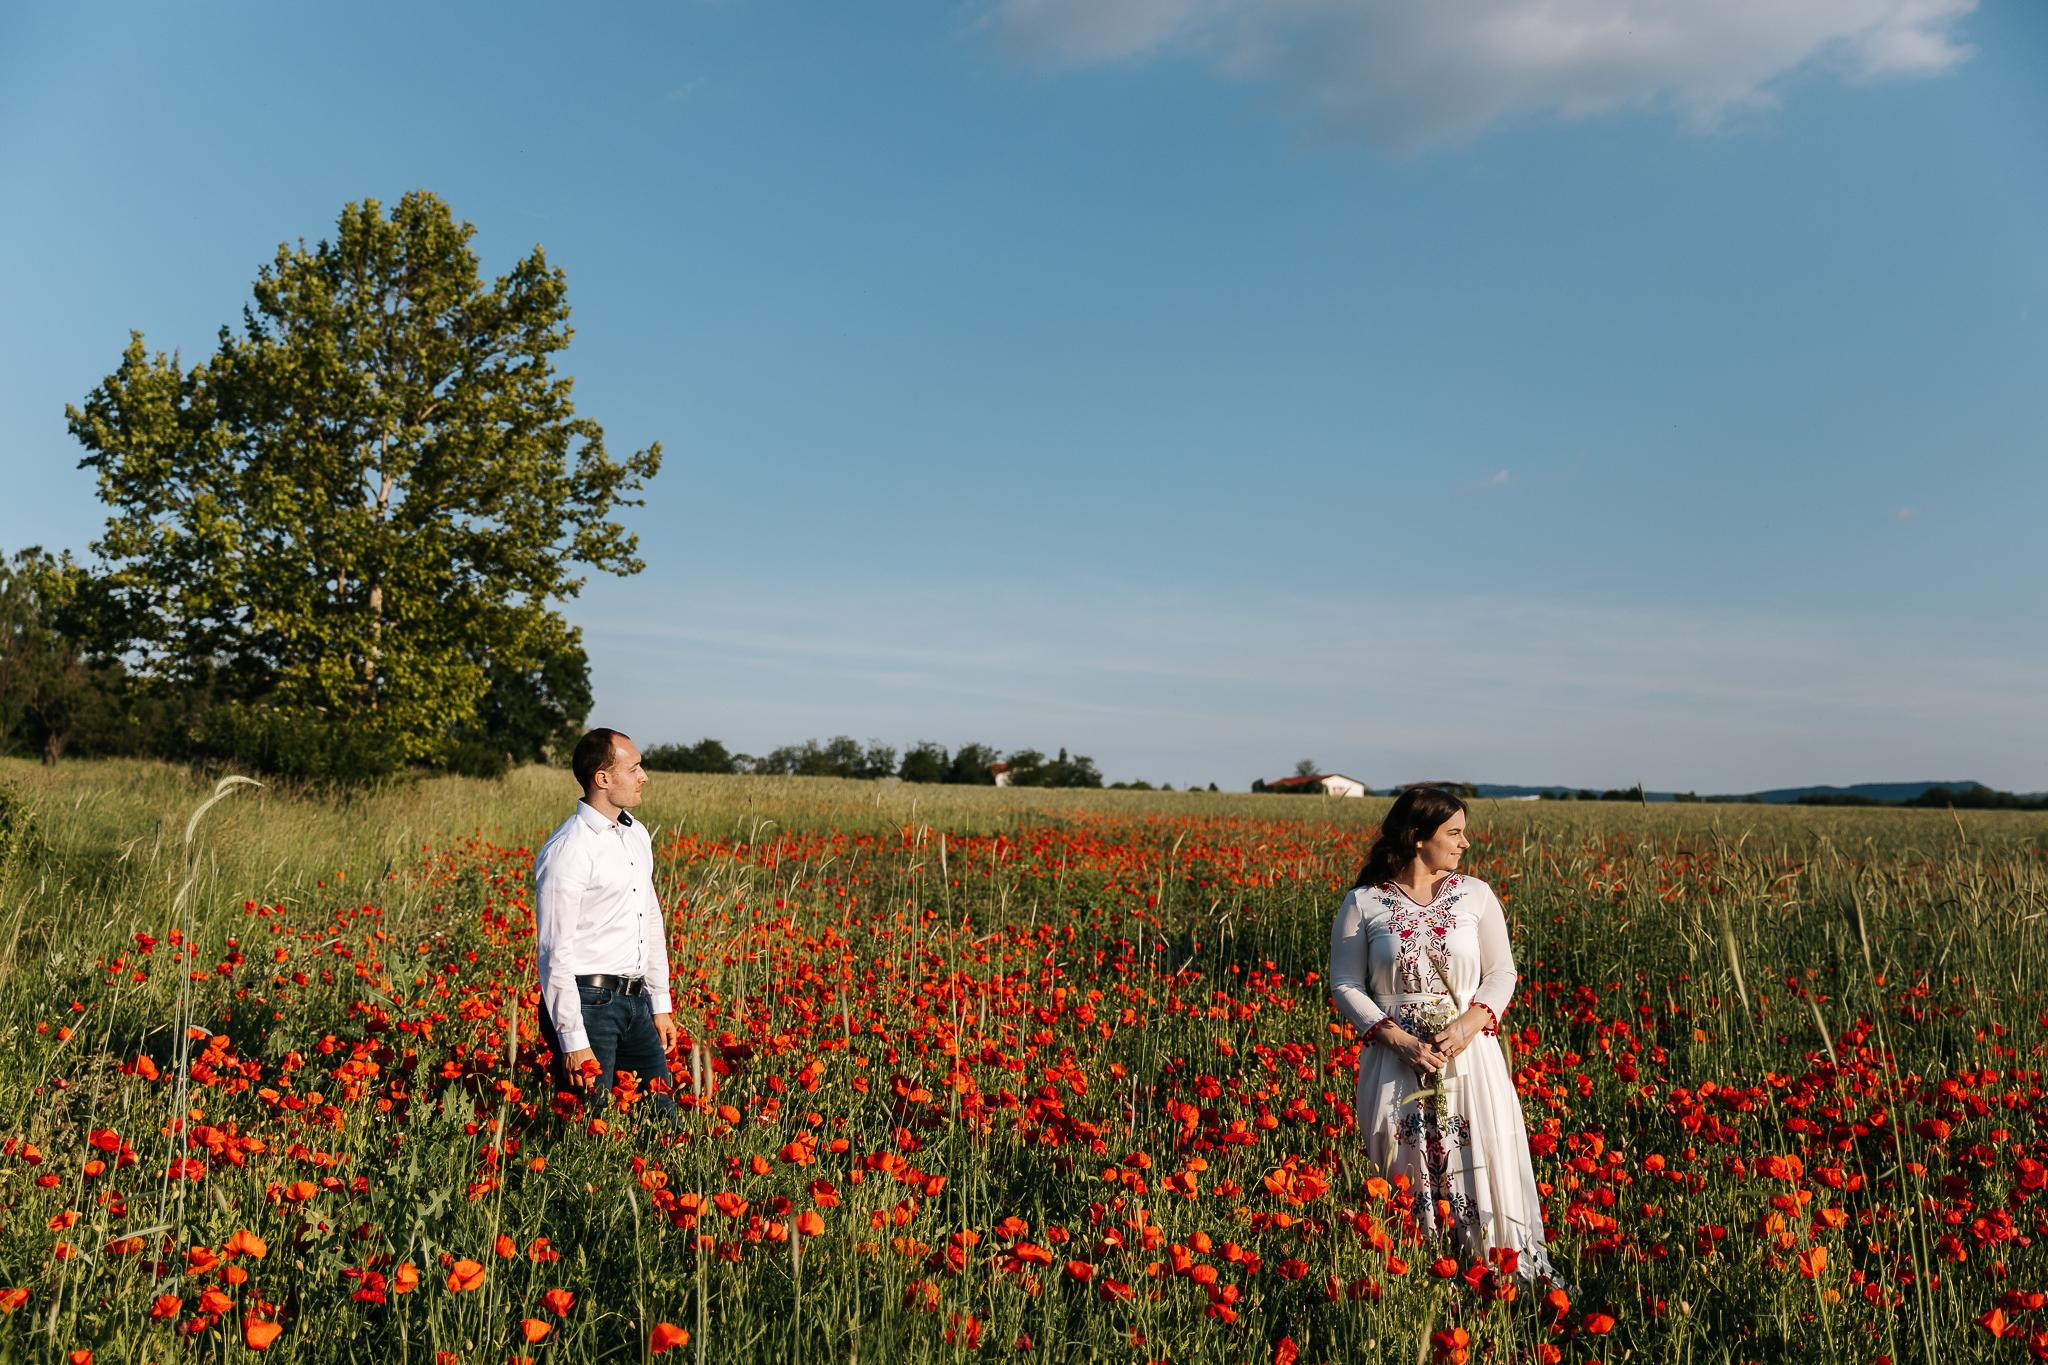 J_FylepPhoto, Esküvőfotós Vasmegye, Kismama, pocakfotó, Esküvő fotózás, Esküvői fotós, Körmend, Vas megye, Dunántúl, Budapest, Fülöp Péter, Jegyes fotózás, jegyes, kreatív, kreatívfotózás_071